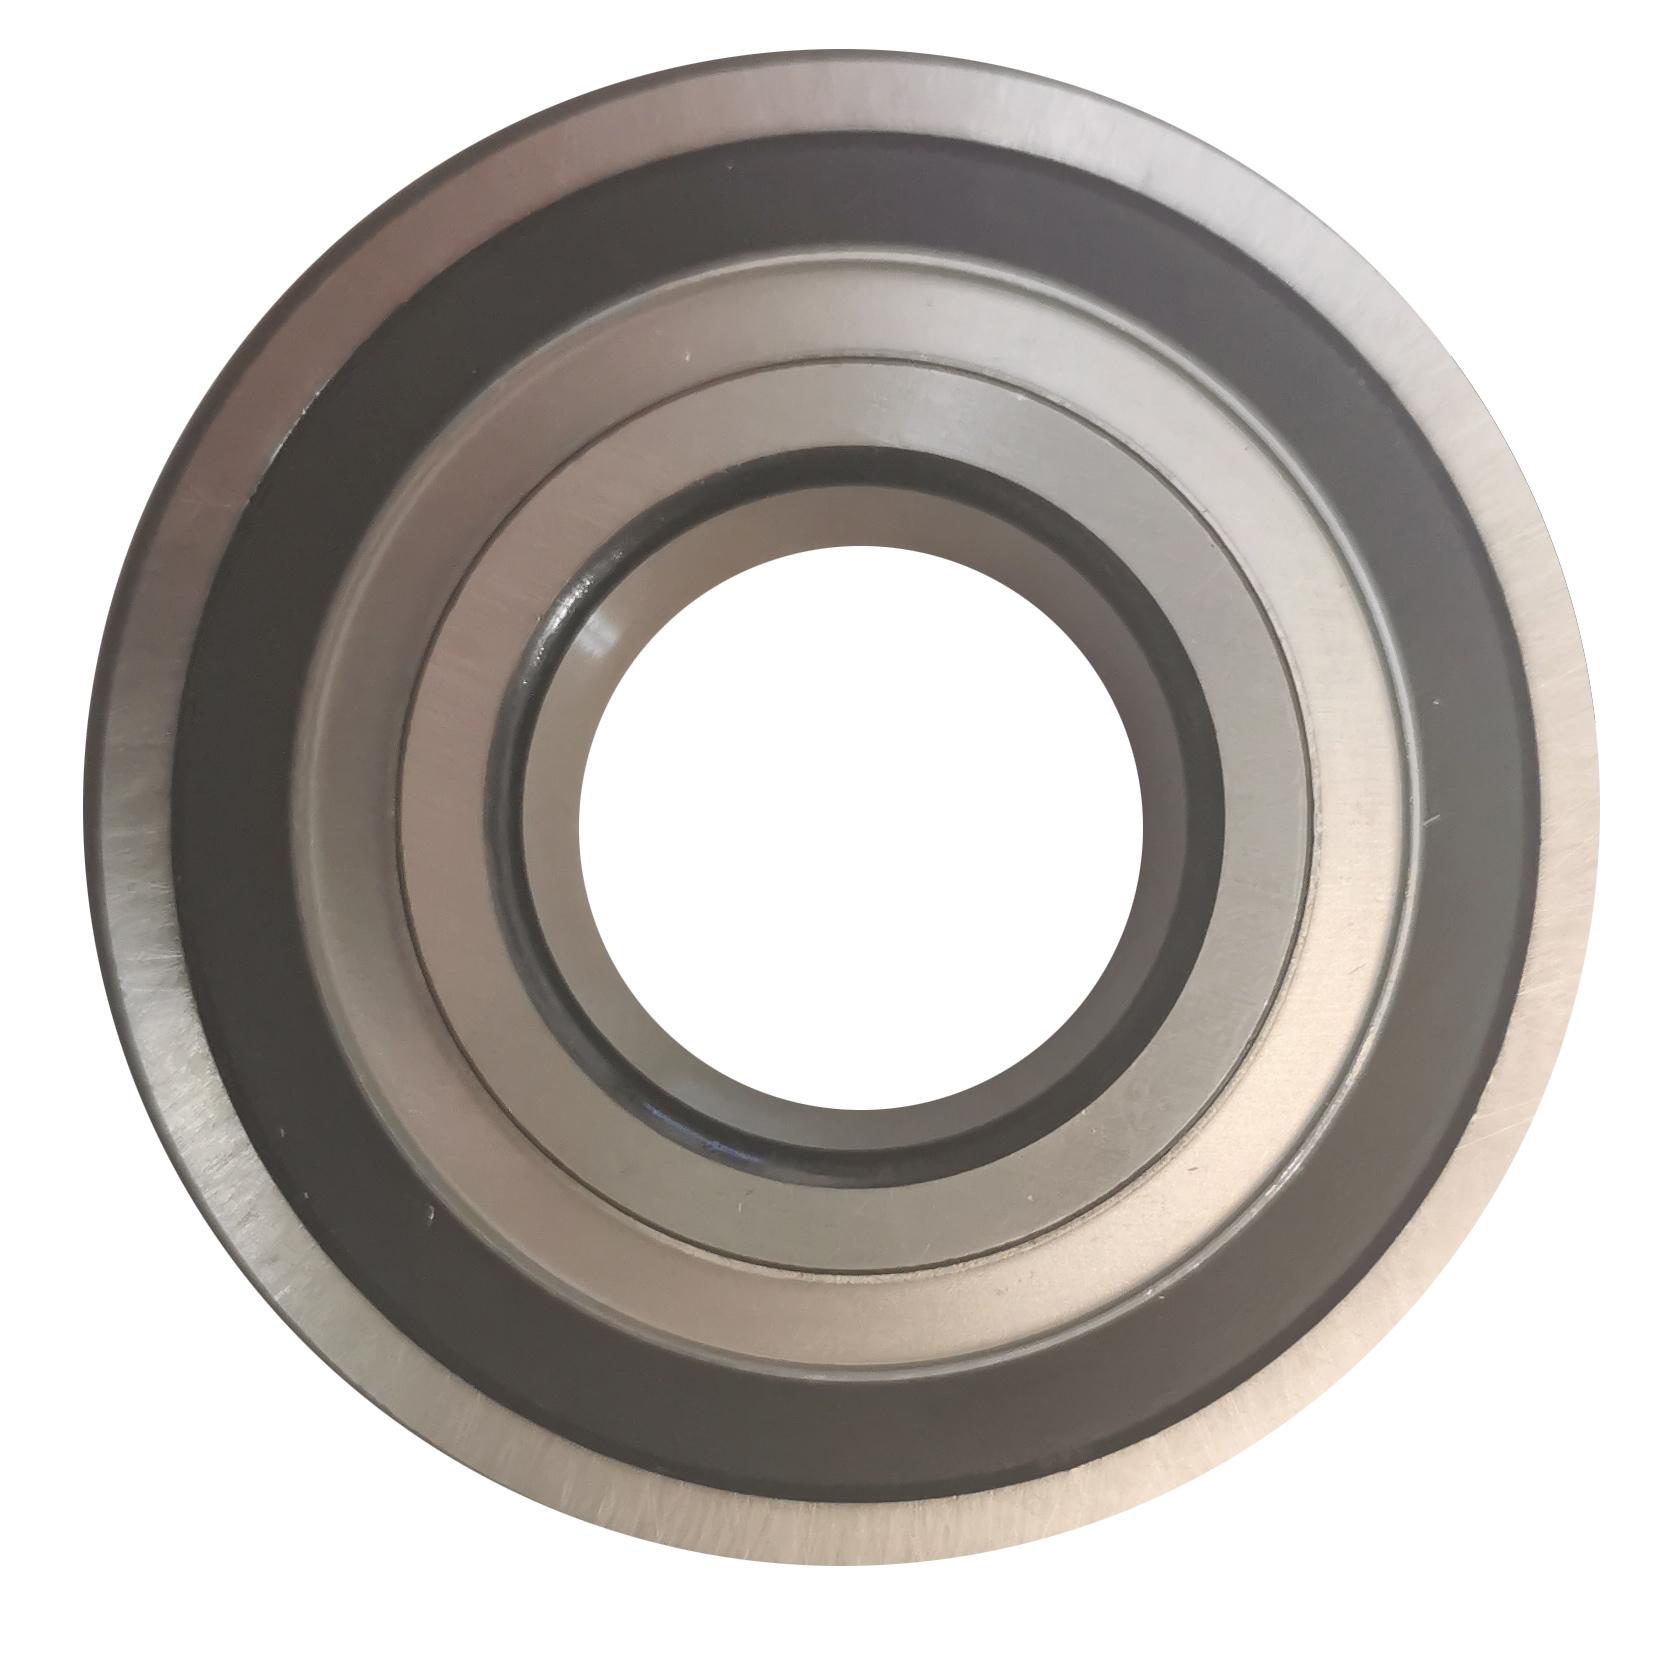 بلبرینگ چرخ عقب تجارت بلبرینگ حامد مدل 411280H مناسب برای پیکان